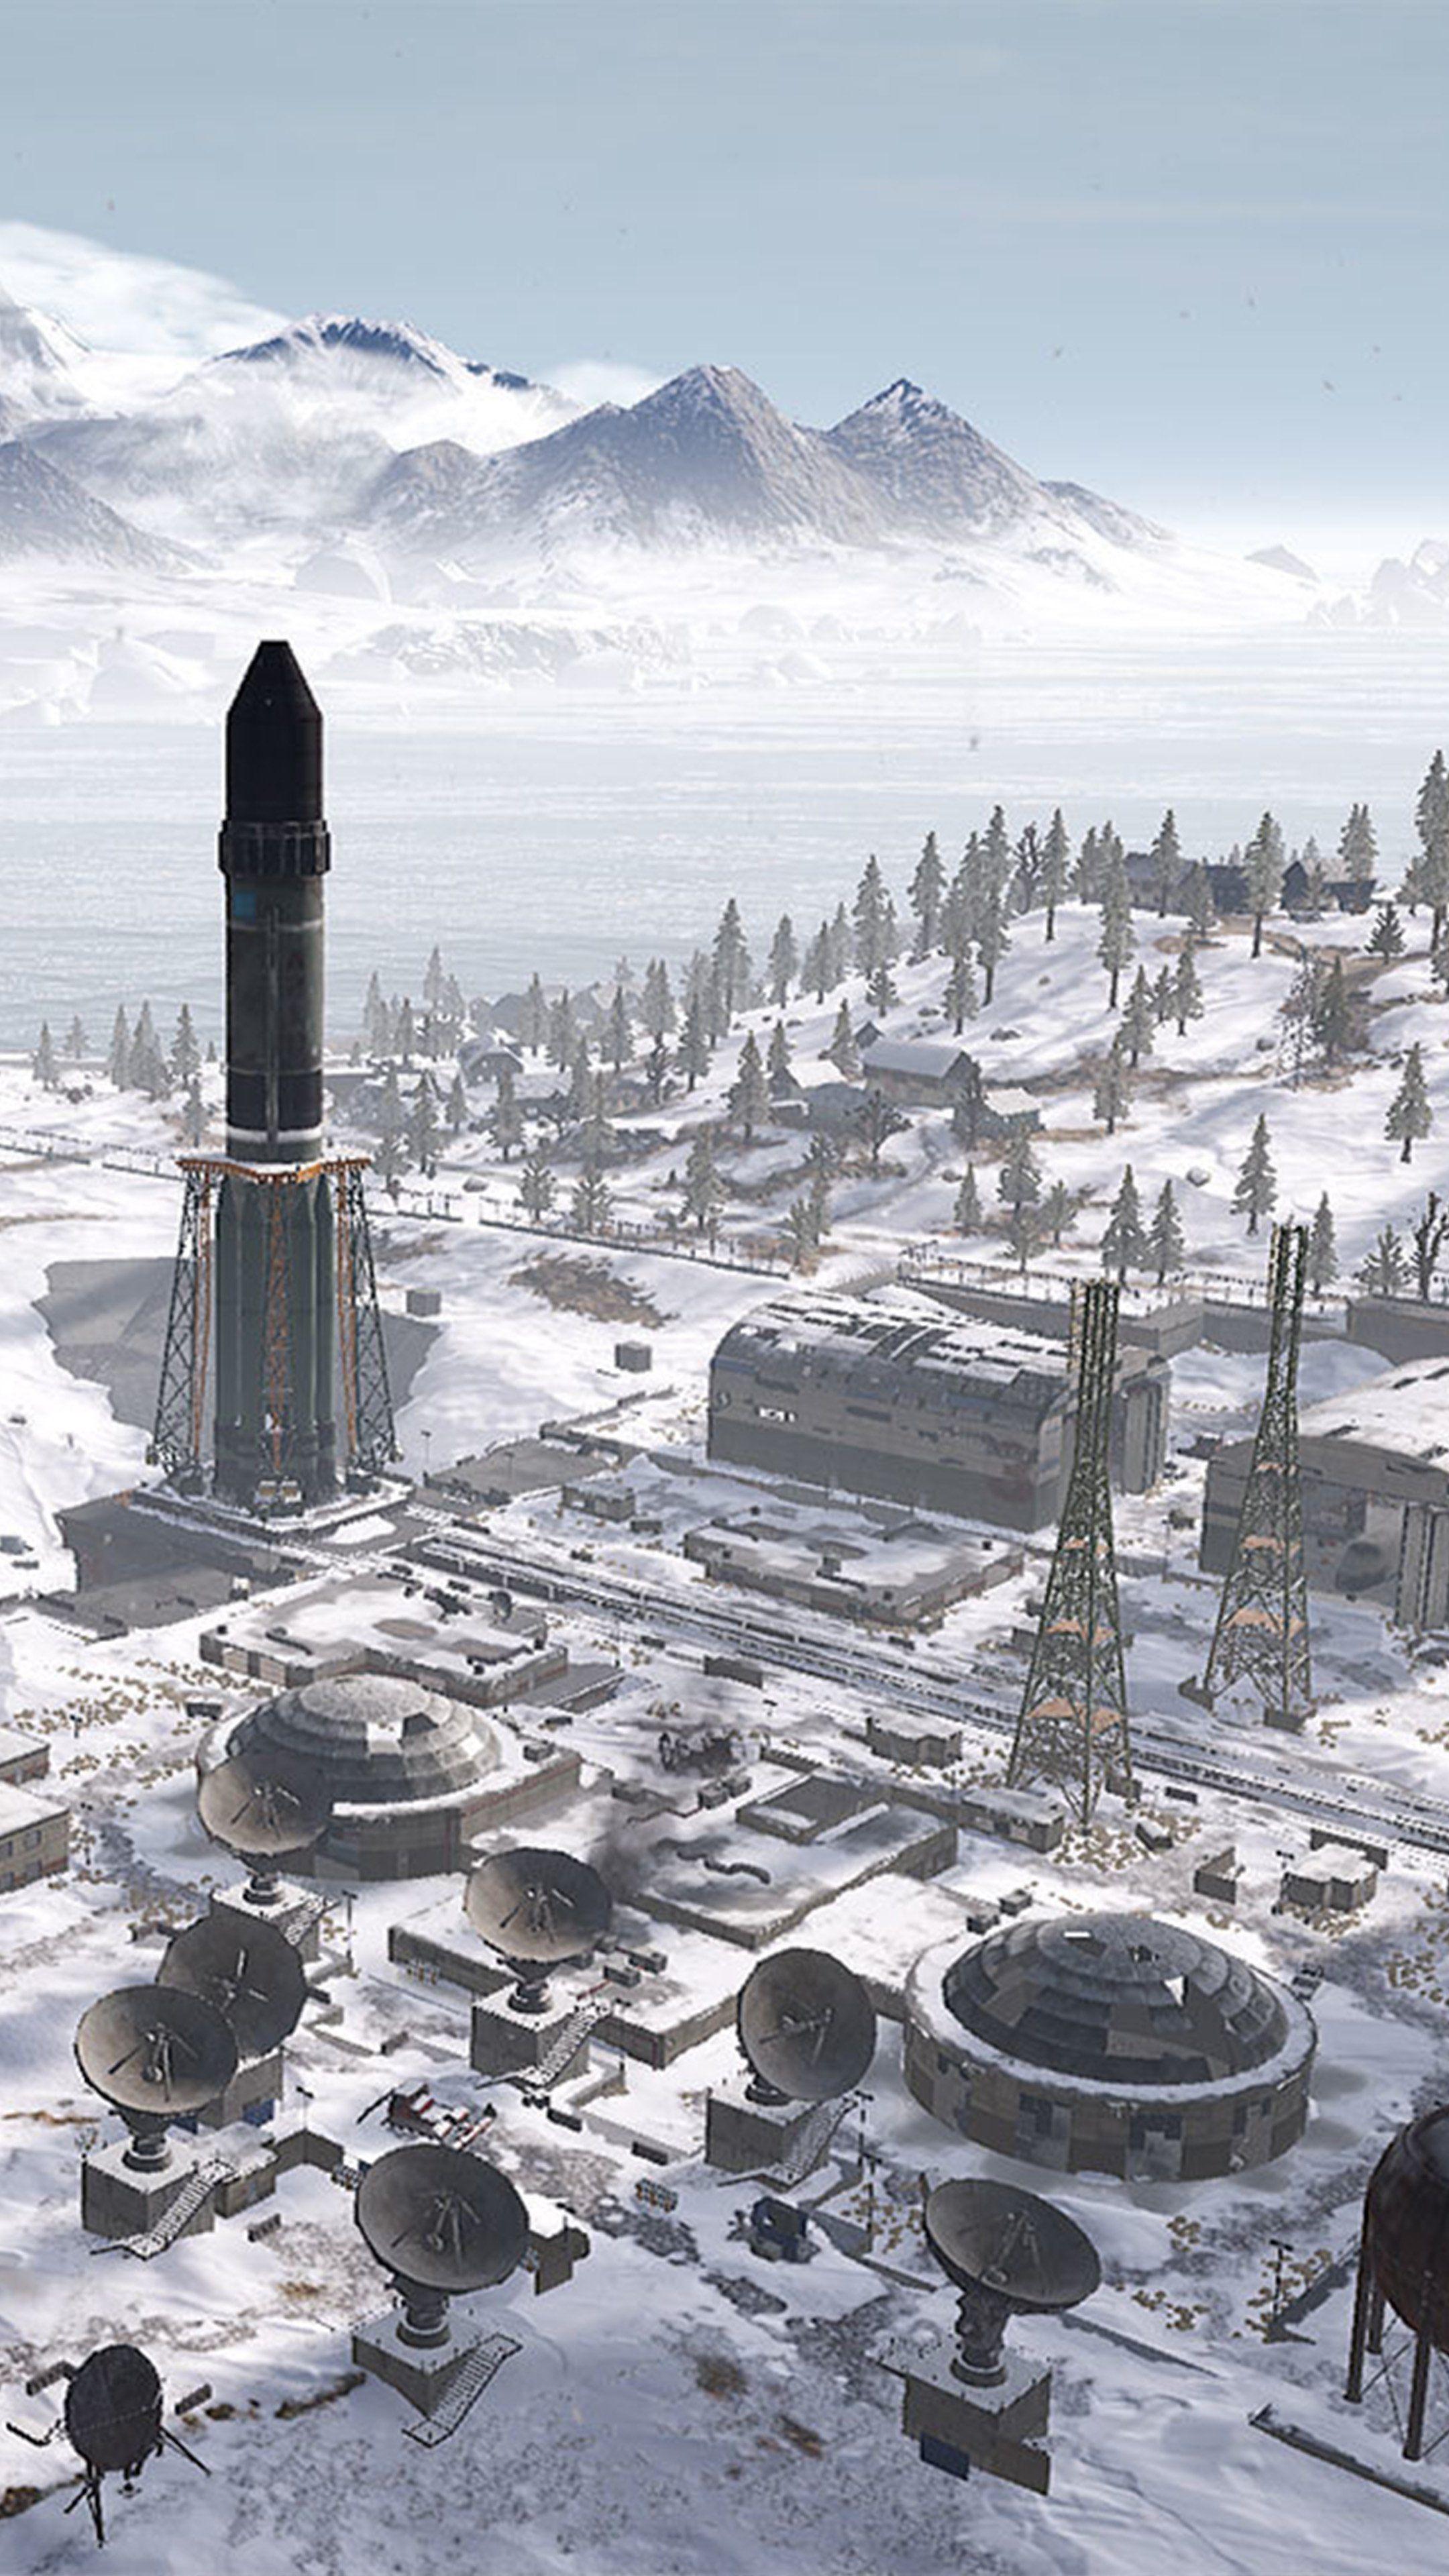 Pubg Cosmodrome Vikendi Playerunknowns Battlegrounds 4k Ultra Hd